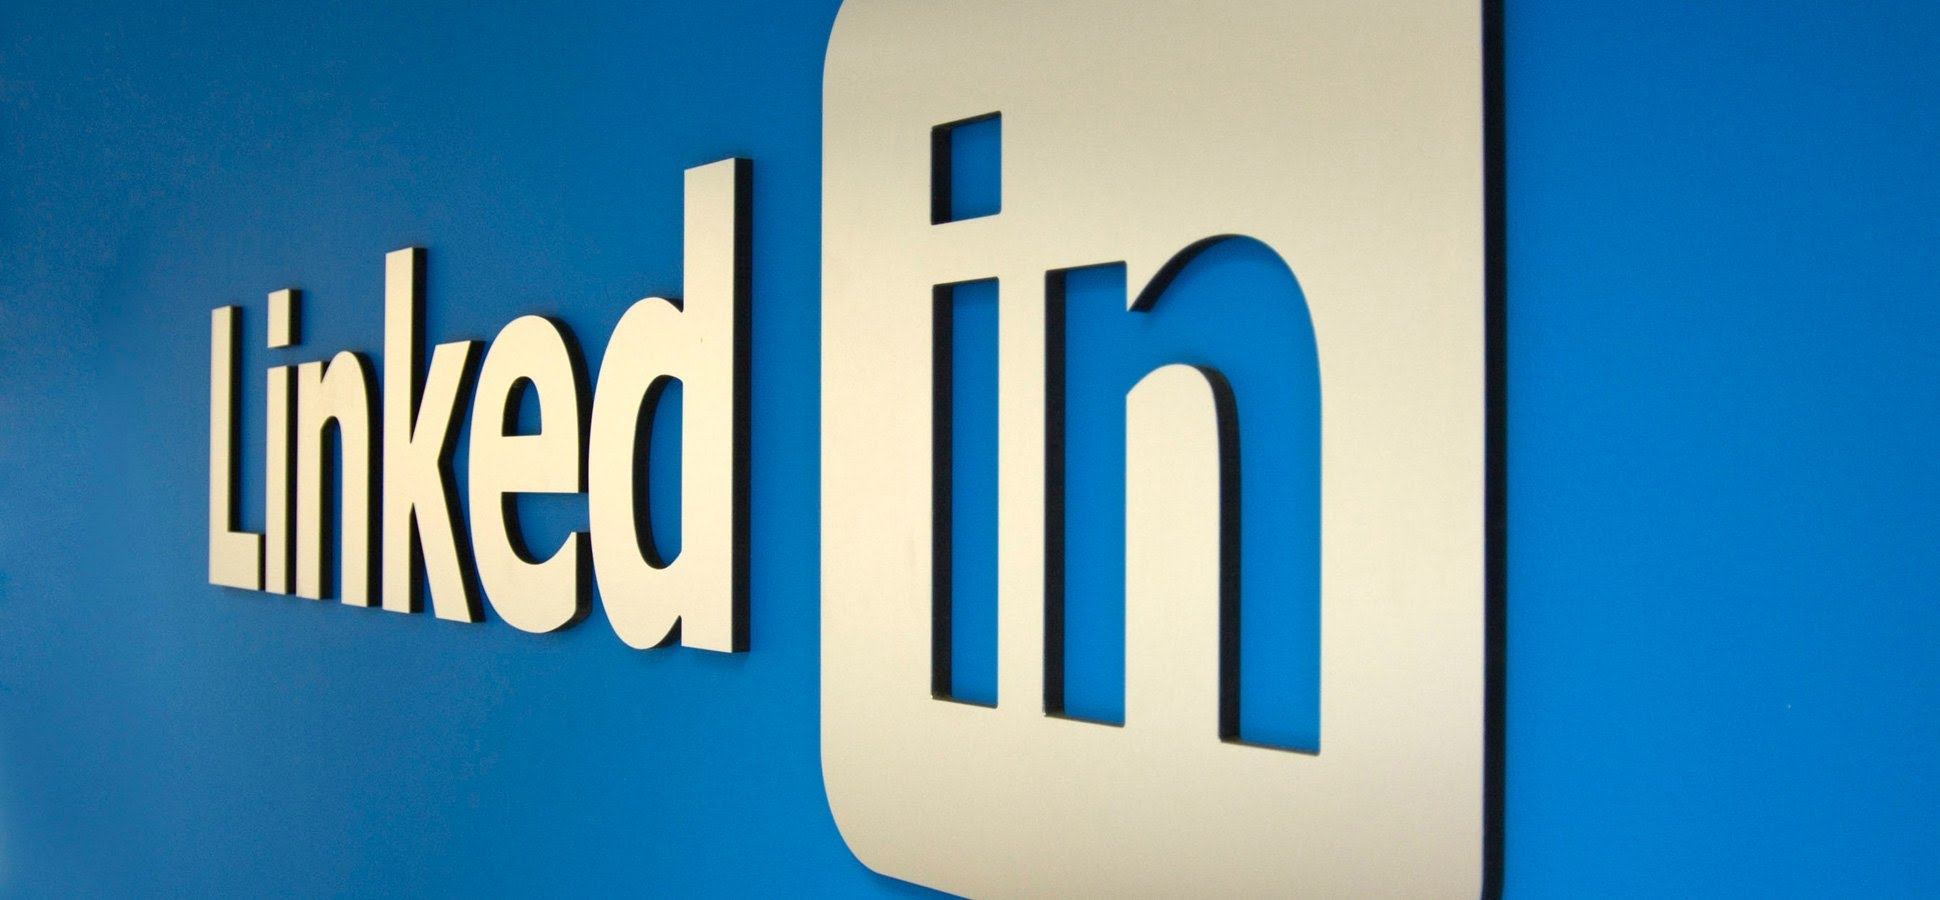 LinkedIn accusé d'avoir acheté 18 millions d'adresses mail pour de la publicité ciblée sur Facebook